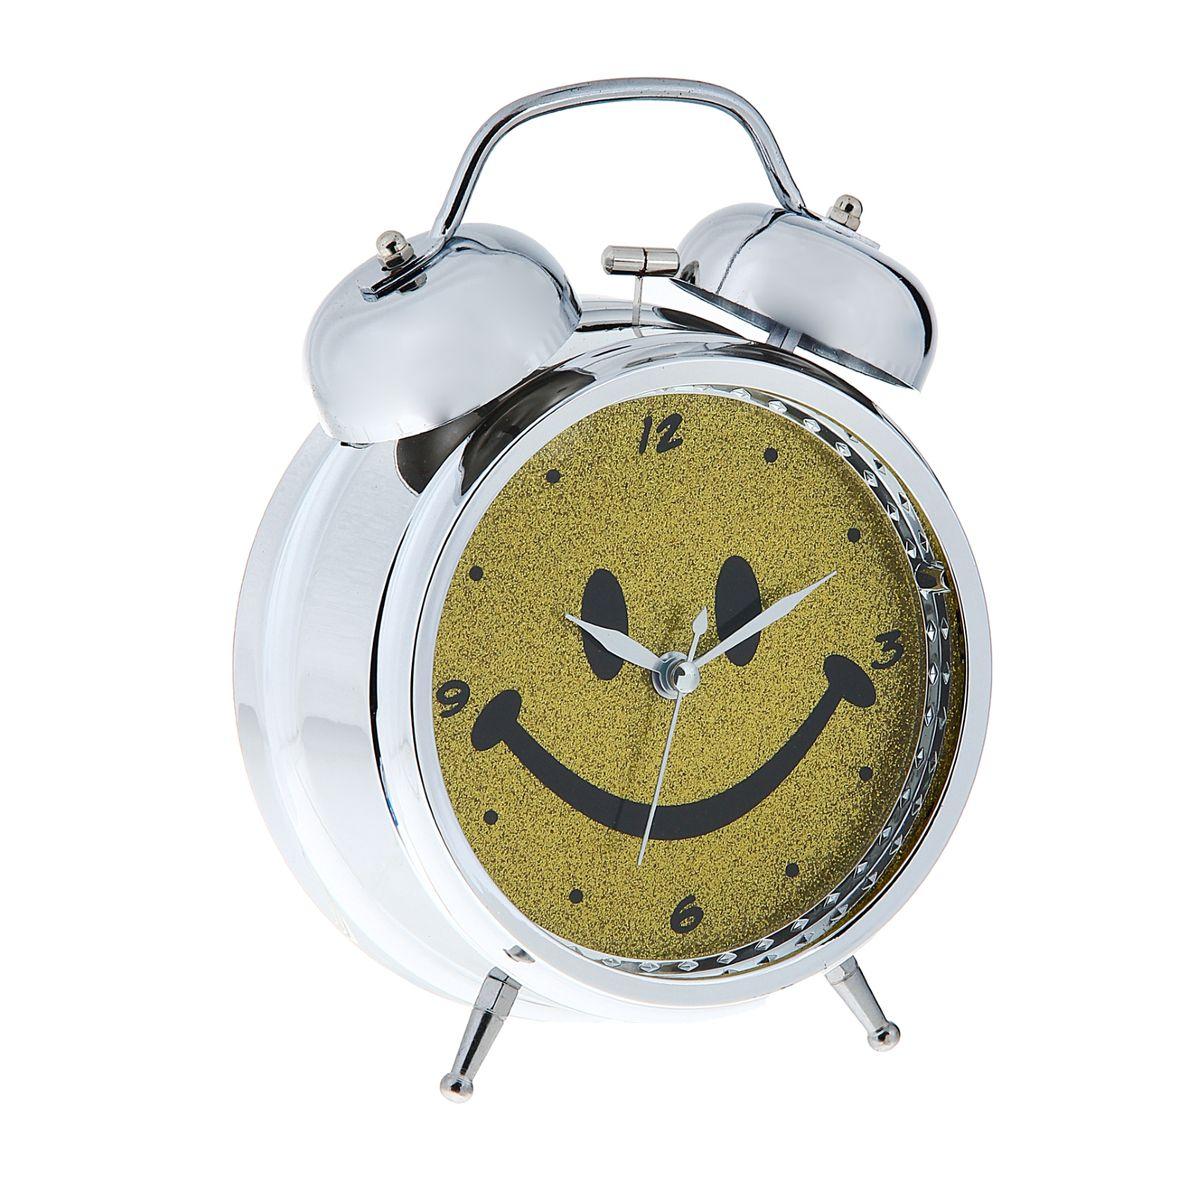 Часы-будильник Sima-land Смайл1056420Как же сложно иногда вставать вовремя! Всегда так хочется поспать еще хотя бы 5 минут и бывает, что мы просыпаем. Теперь этого не случится! Яркий, оригинальный будильник Sima-land Смайл поможет вам всегда вставать в нужное время и успевать везде и всюду. Корпус будильника выполнен из металла. Циферблат оформлен изображением смайла, имеет индикацию отметок с арабскими цифрами. Часы снабжены 4 стрелками (секундная, минутная, часовая и для будильника). На задней панели будильника расположен переключатель включения/выключения механизма, а также два колесика для настройки текущего времени и времени звонка будильника. Также будильник оснащен кнопкой, при нажатии и удержании которой подсвечивается циферблат. Пользоваться будильником очень легко: нужно всего лишь поставить батарейки, настроить точное время и установить время звонка. Необходимо докупить 3 батарейки типа АА (не входят в комплект).